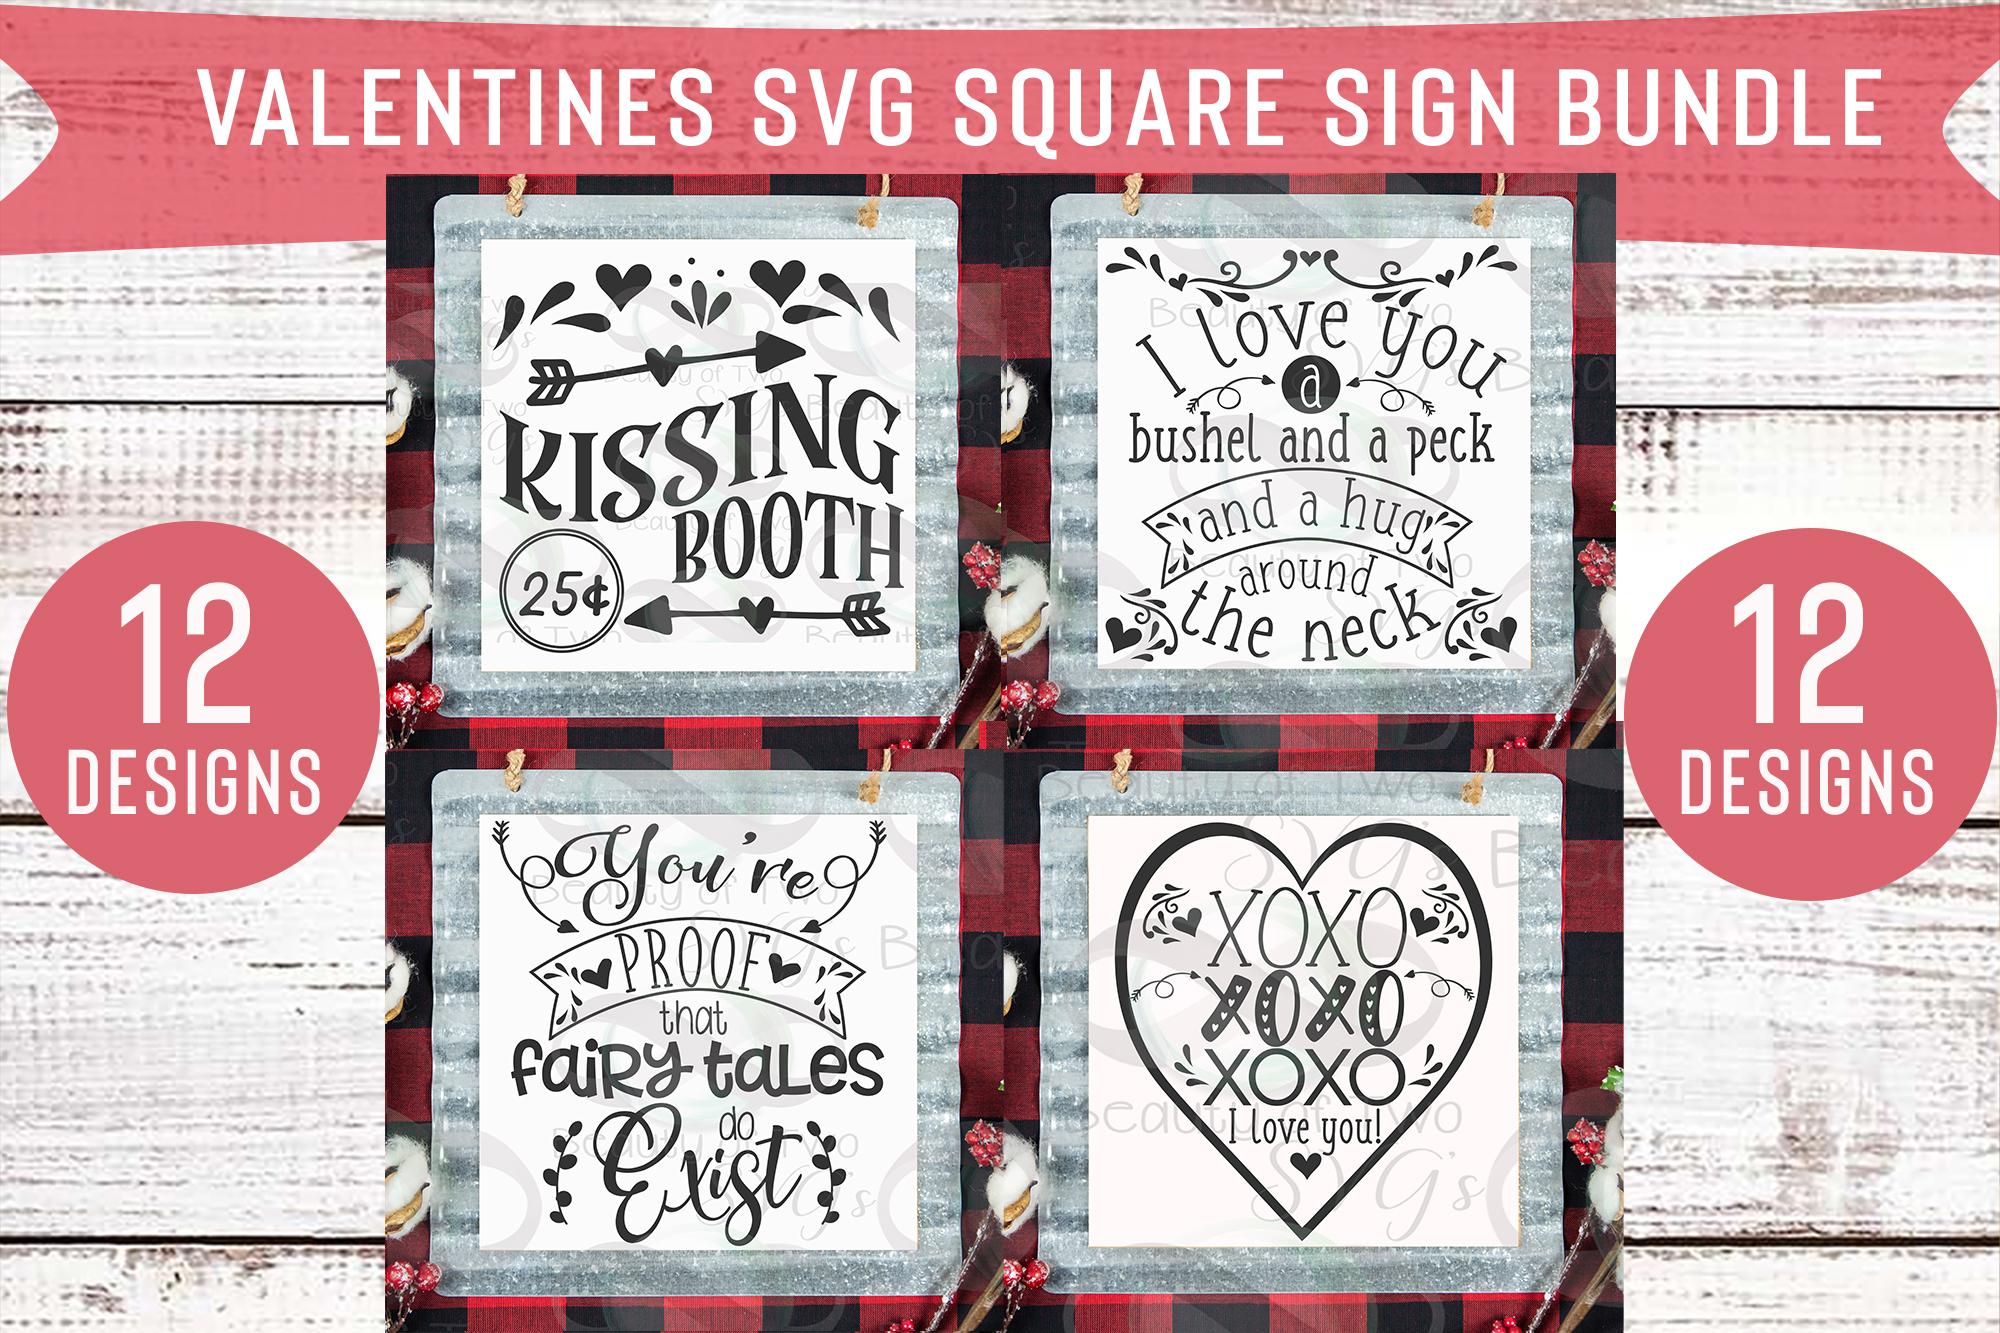 Valentines Square Svg Sign Bundle, 12 svg Valentines Designs example image 3